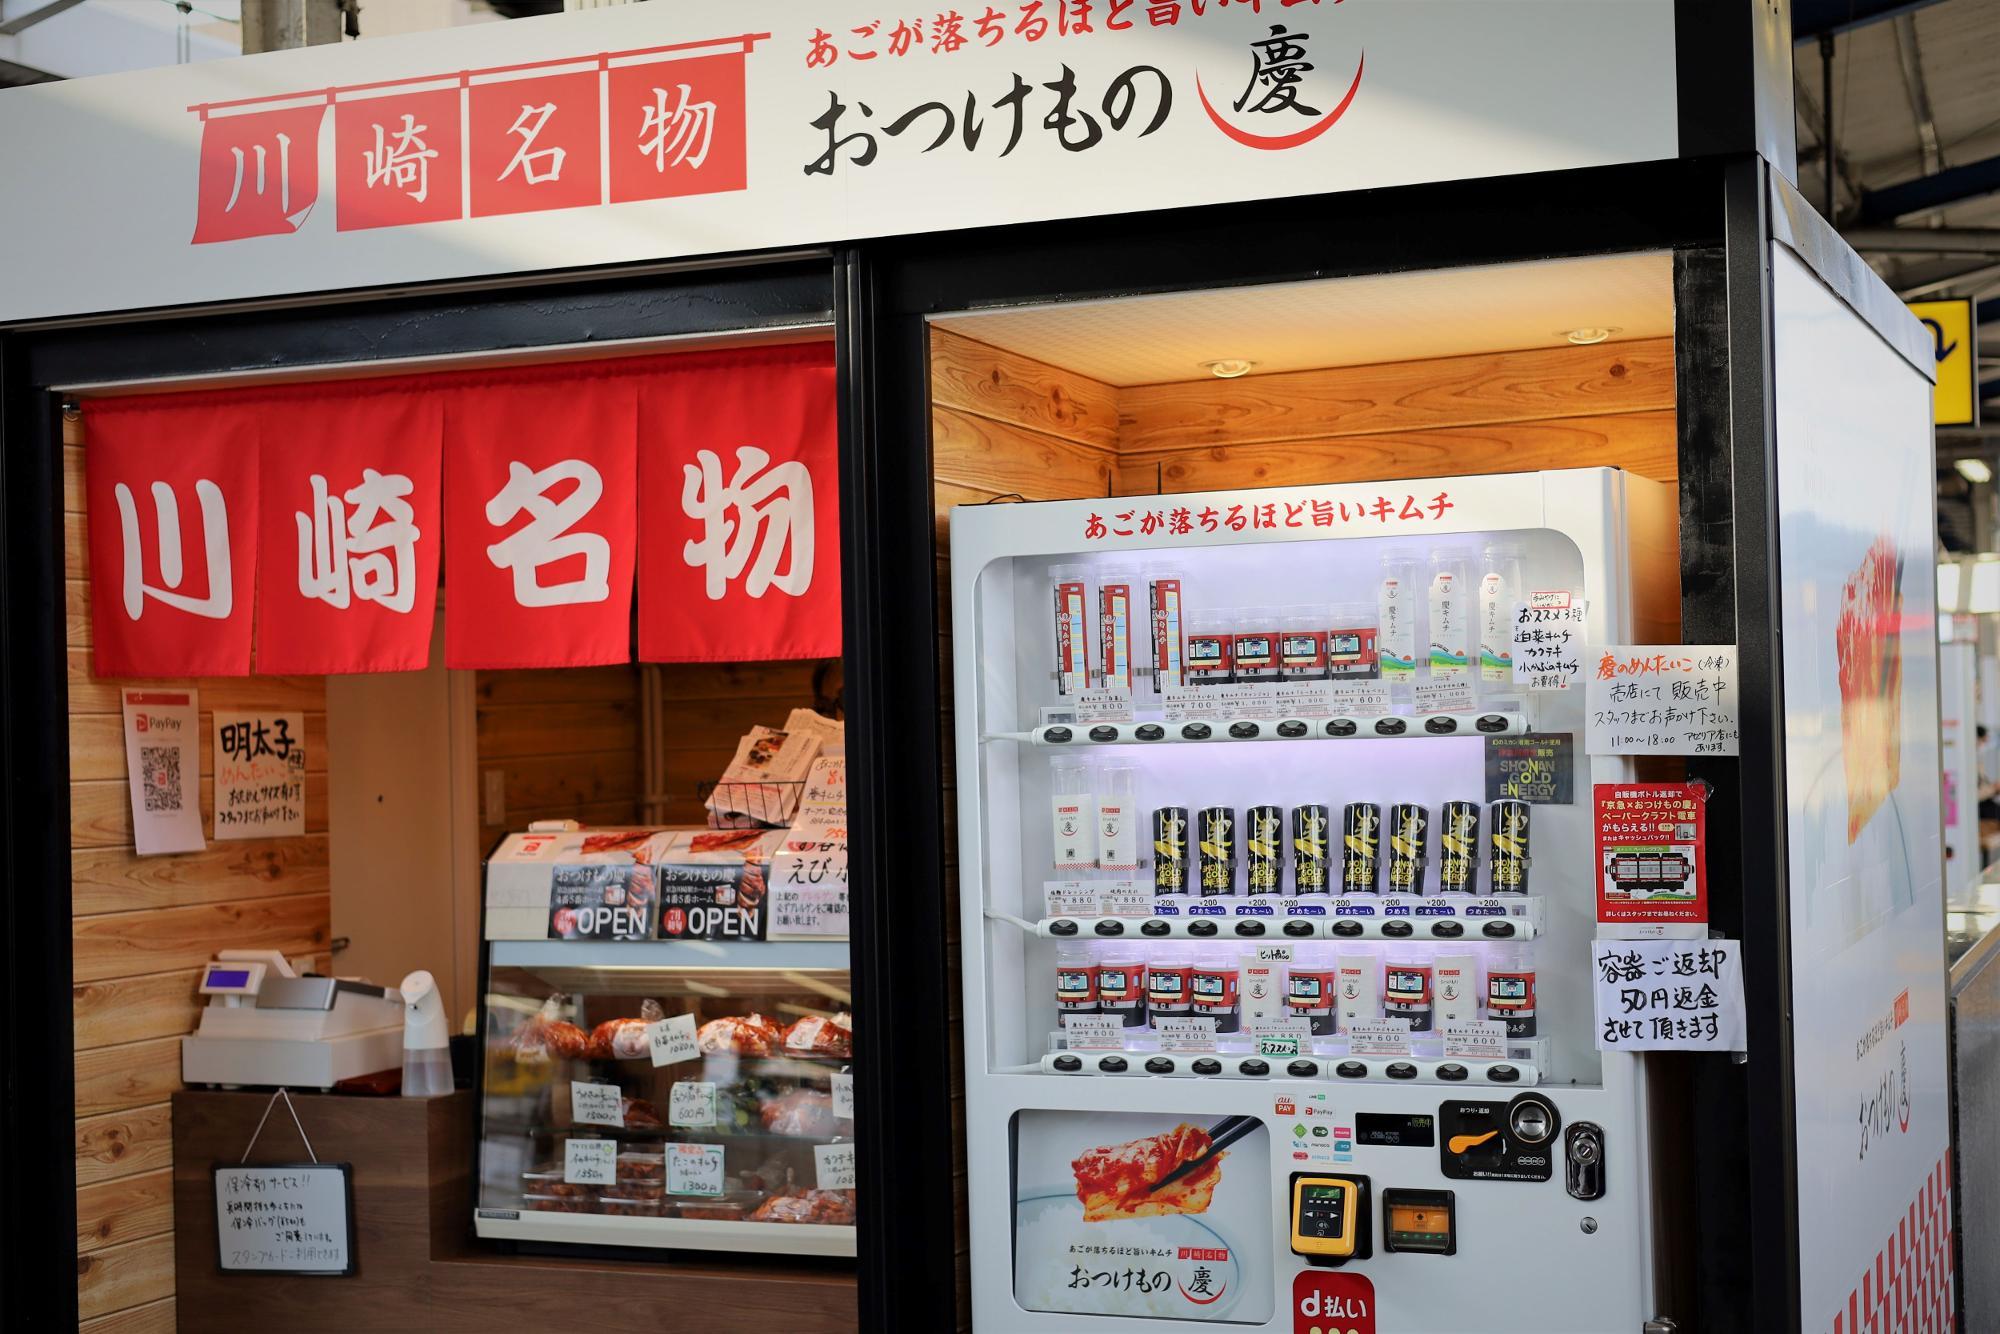 キムチ専用自動販売機を発見!やはり目新しいようでホームにいる人たちの注目の的。